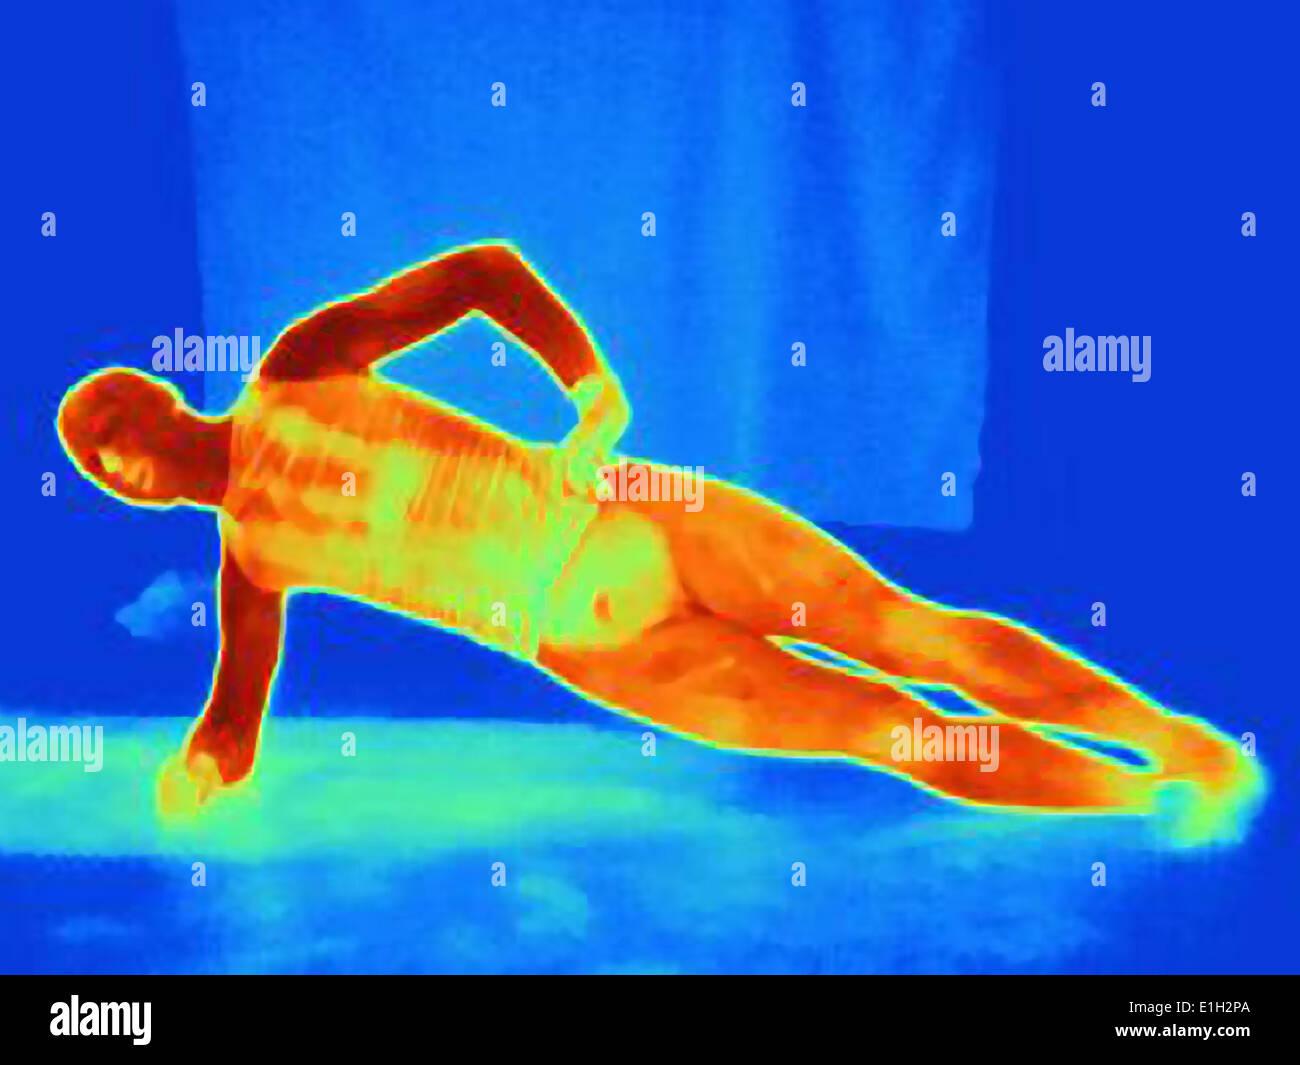 Imagen térmica de la joven haciendo un brazo empuje ups. La imagen muestra el calor producido por los músculos Imagen De Stock